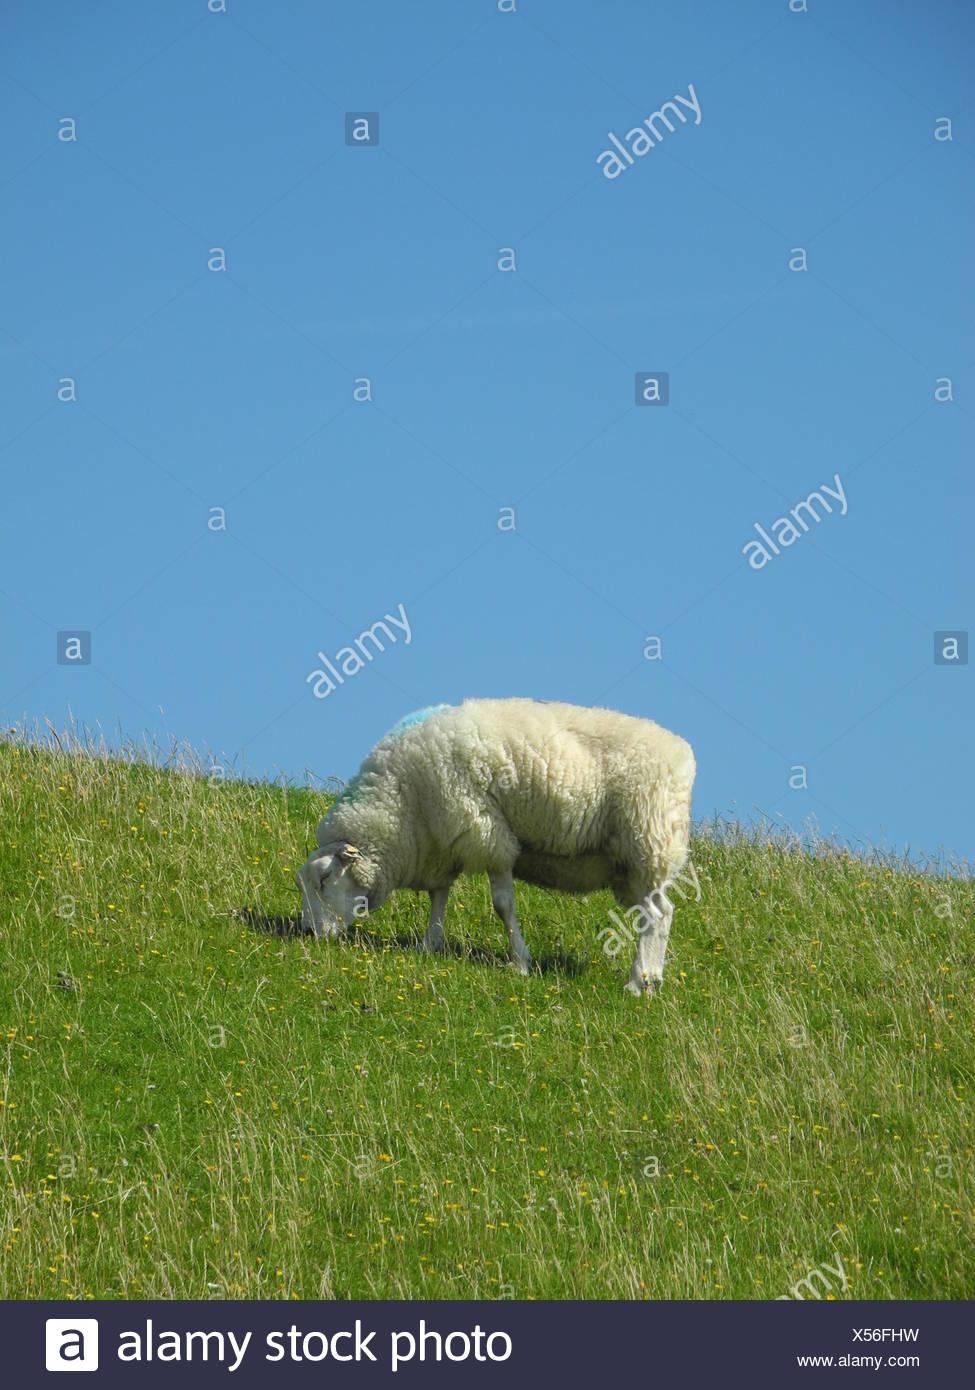 schaf,  deich, nordsee, norddeutschland, tier, grasen, grasend, wiese, weide, gras, schafsweide Stock Photo